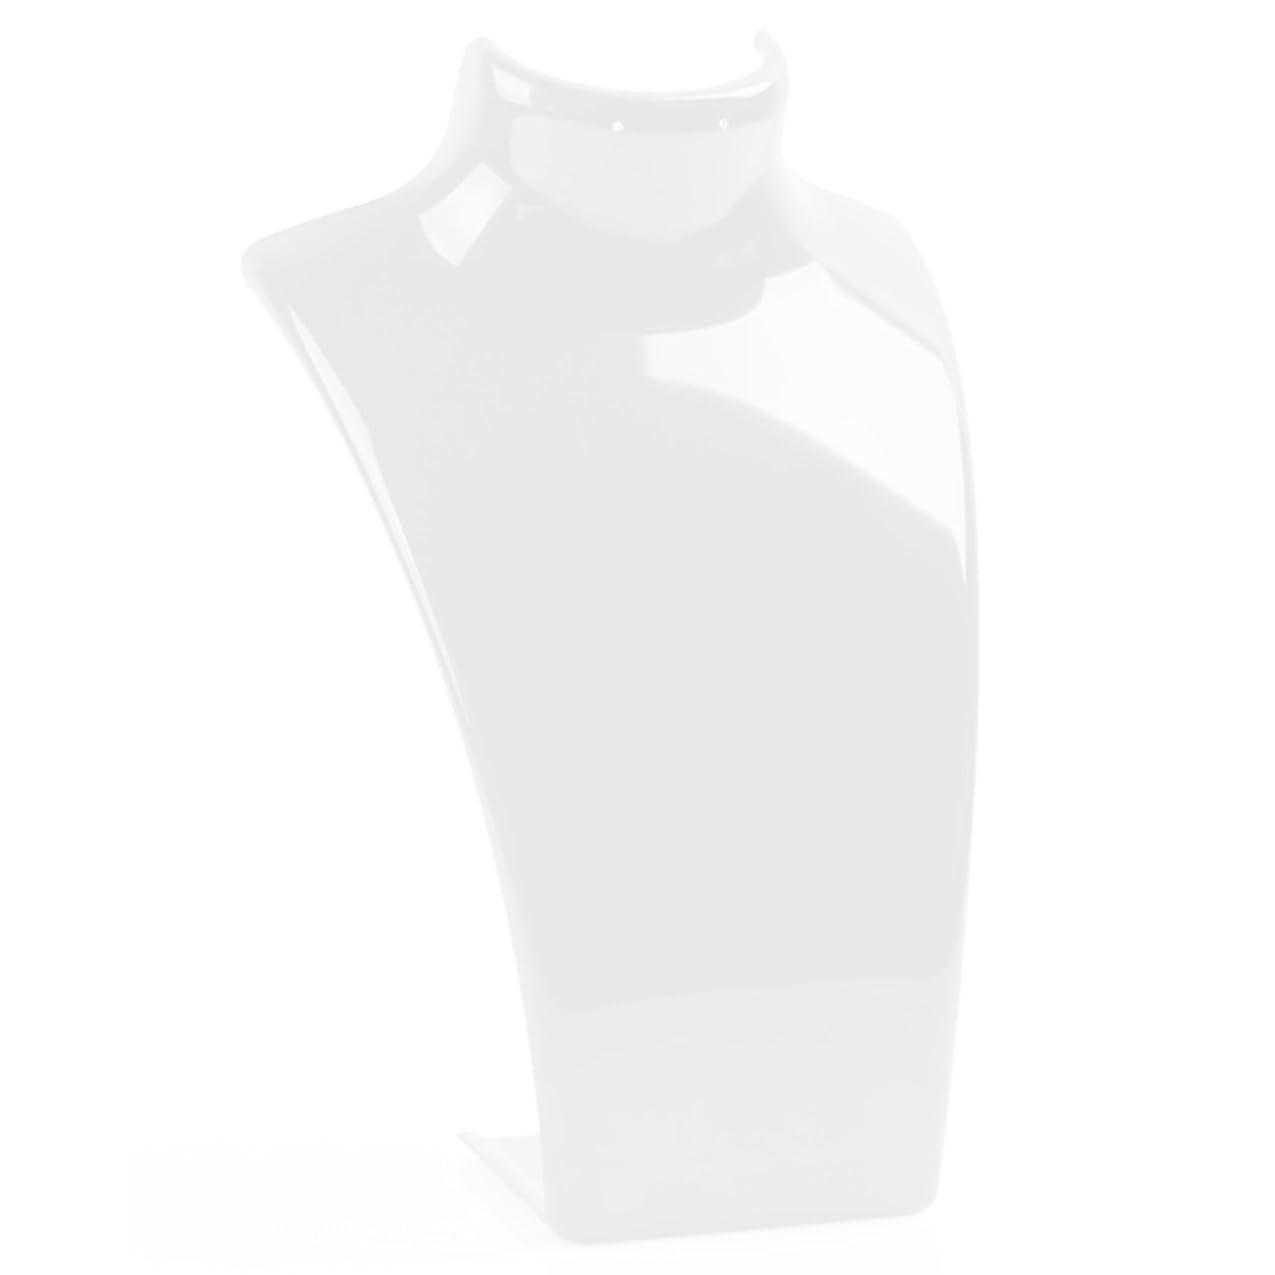 ベジタリアンチョークレジ[SENYON] トルソー スタンド ネックレス イヤリング ペンダント ディスプレイ (白)